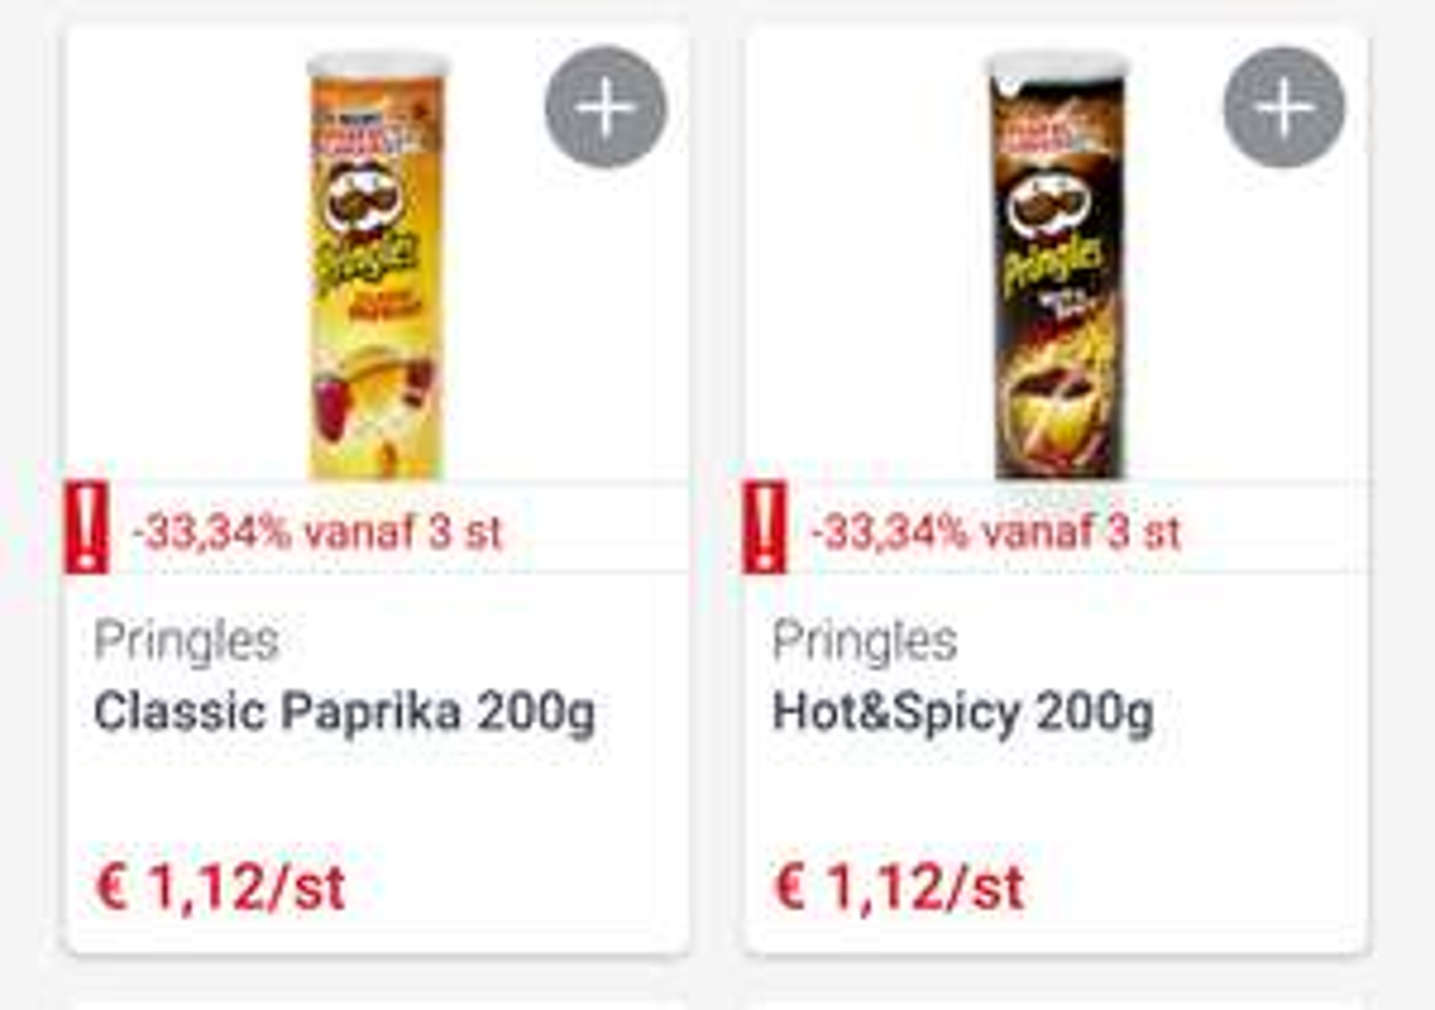 [GRENSDEAL BELGIË] 3 bussen Pringles 200g voor €2,24